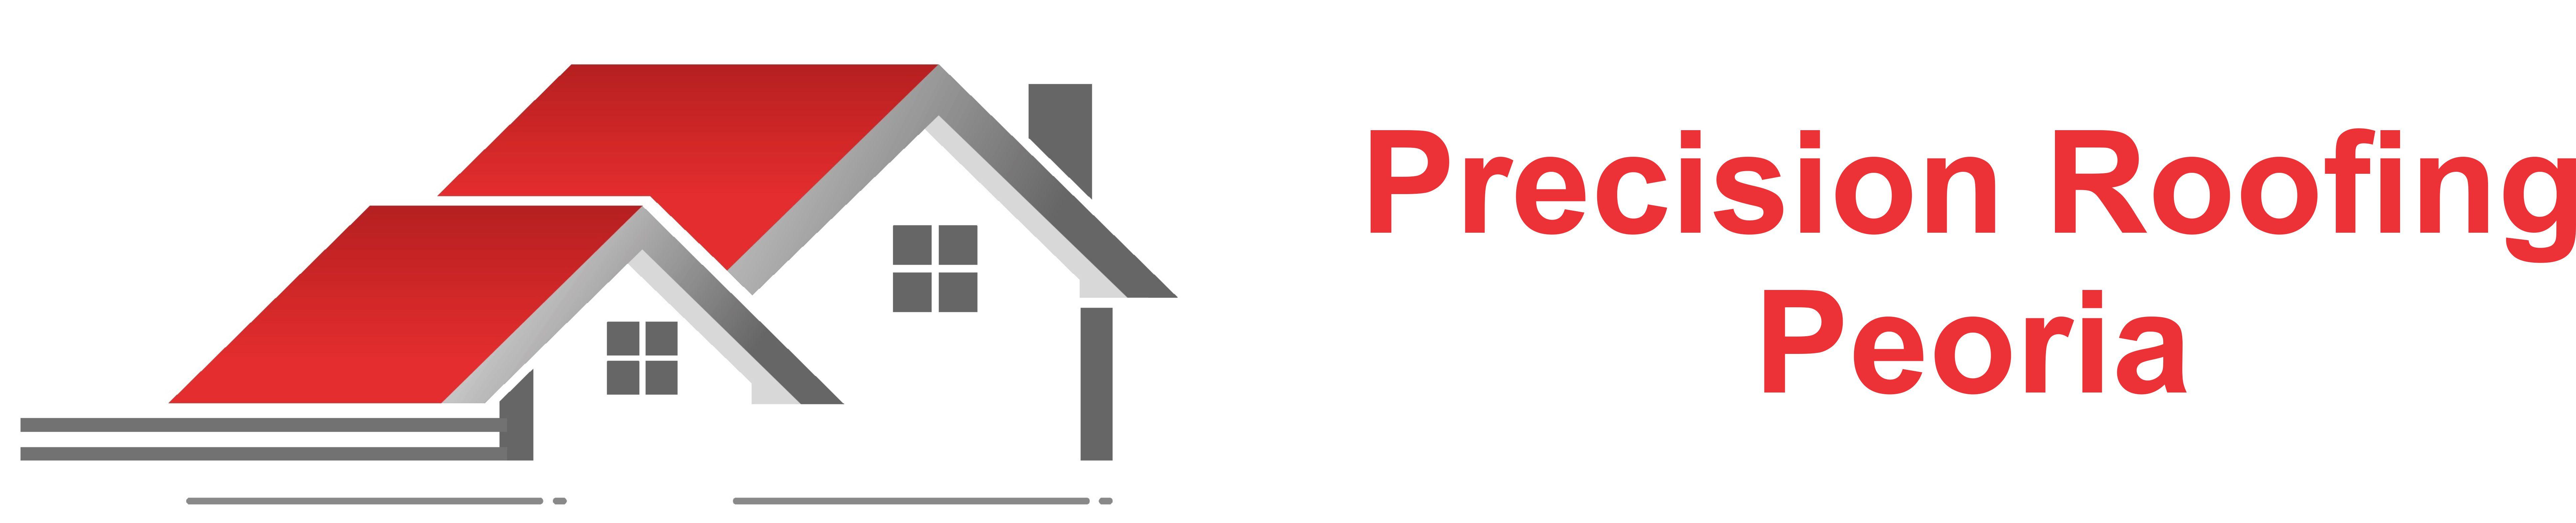 Precision Roofing Peoria